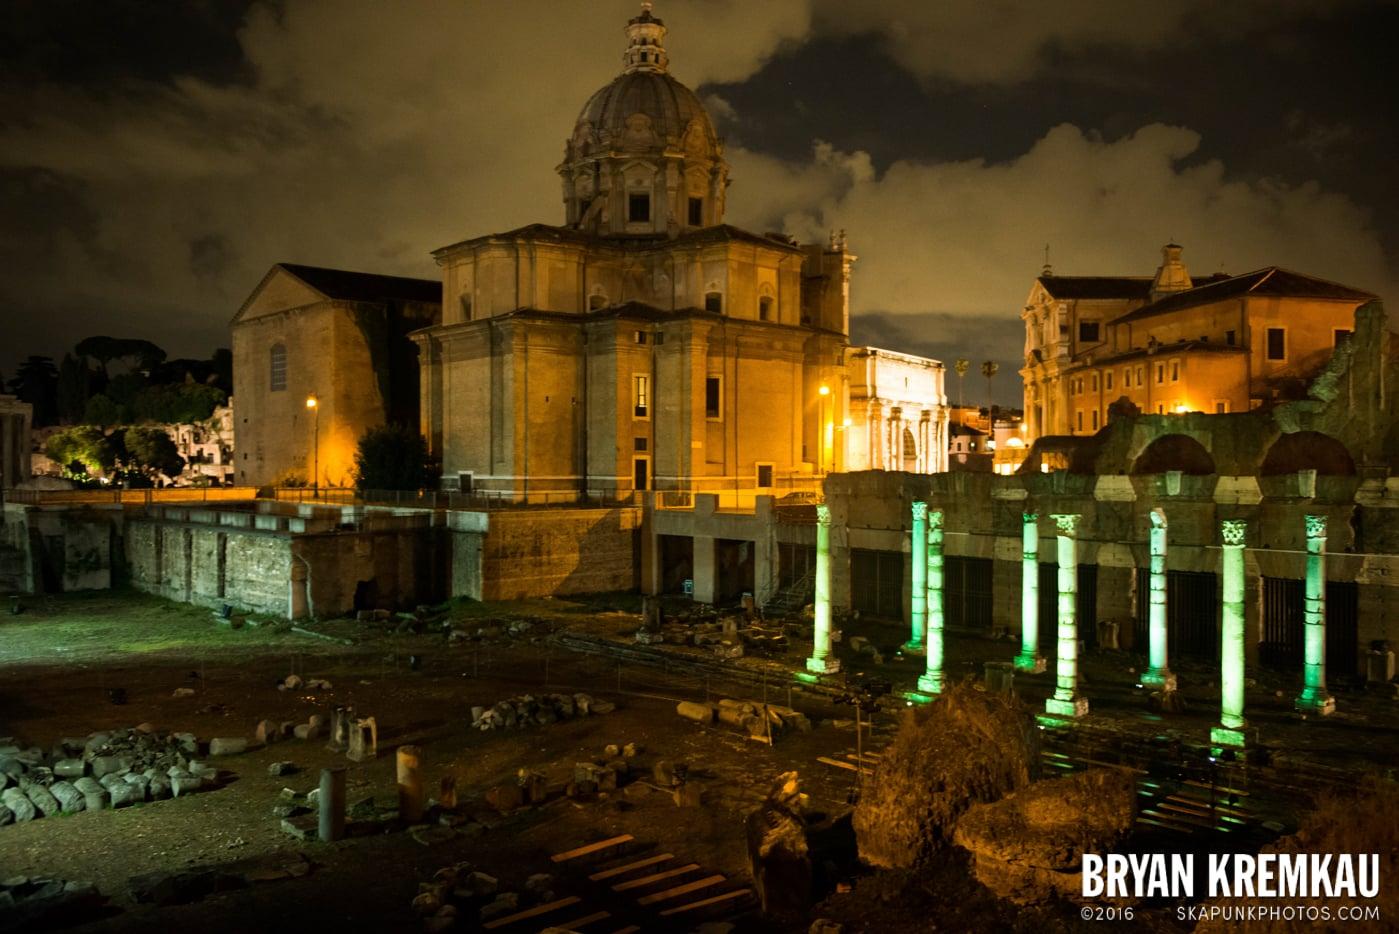 Italy Vacation - Day 2: Rome - 9.10.13 (7)